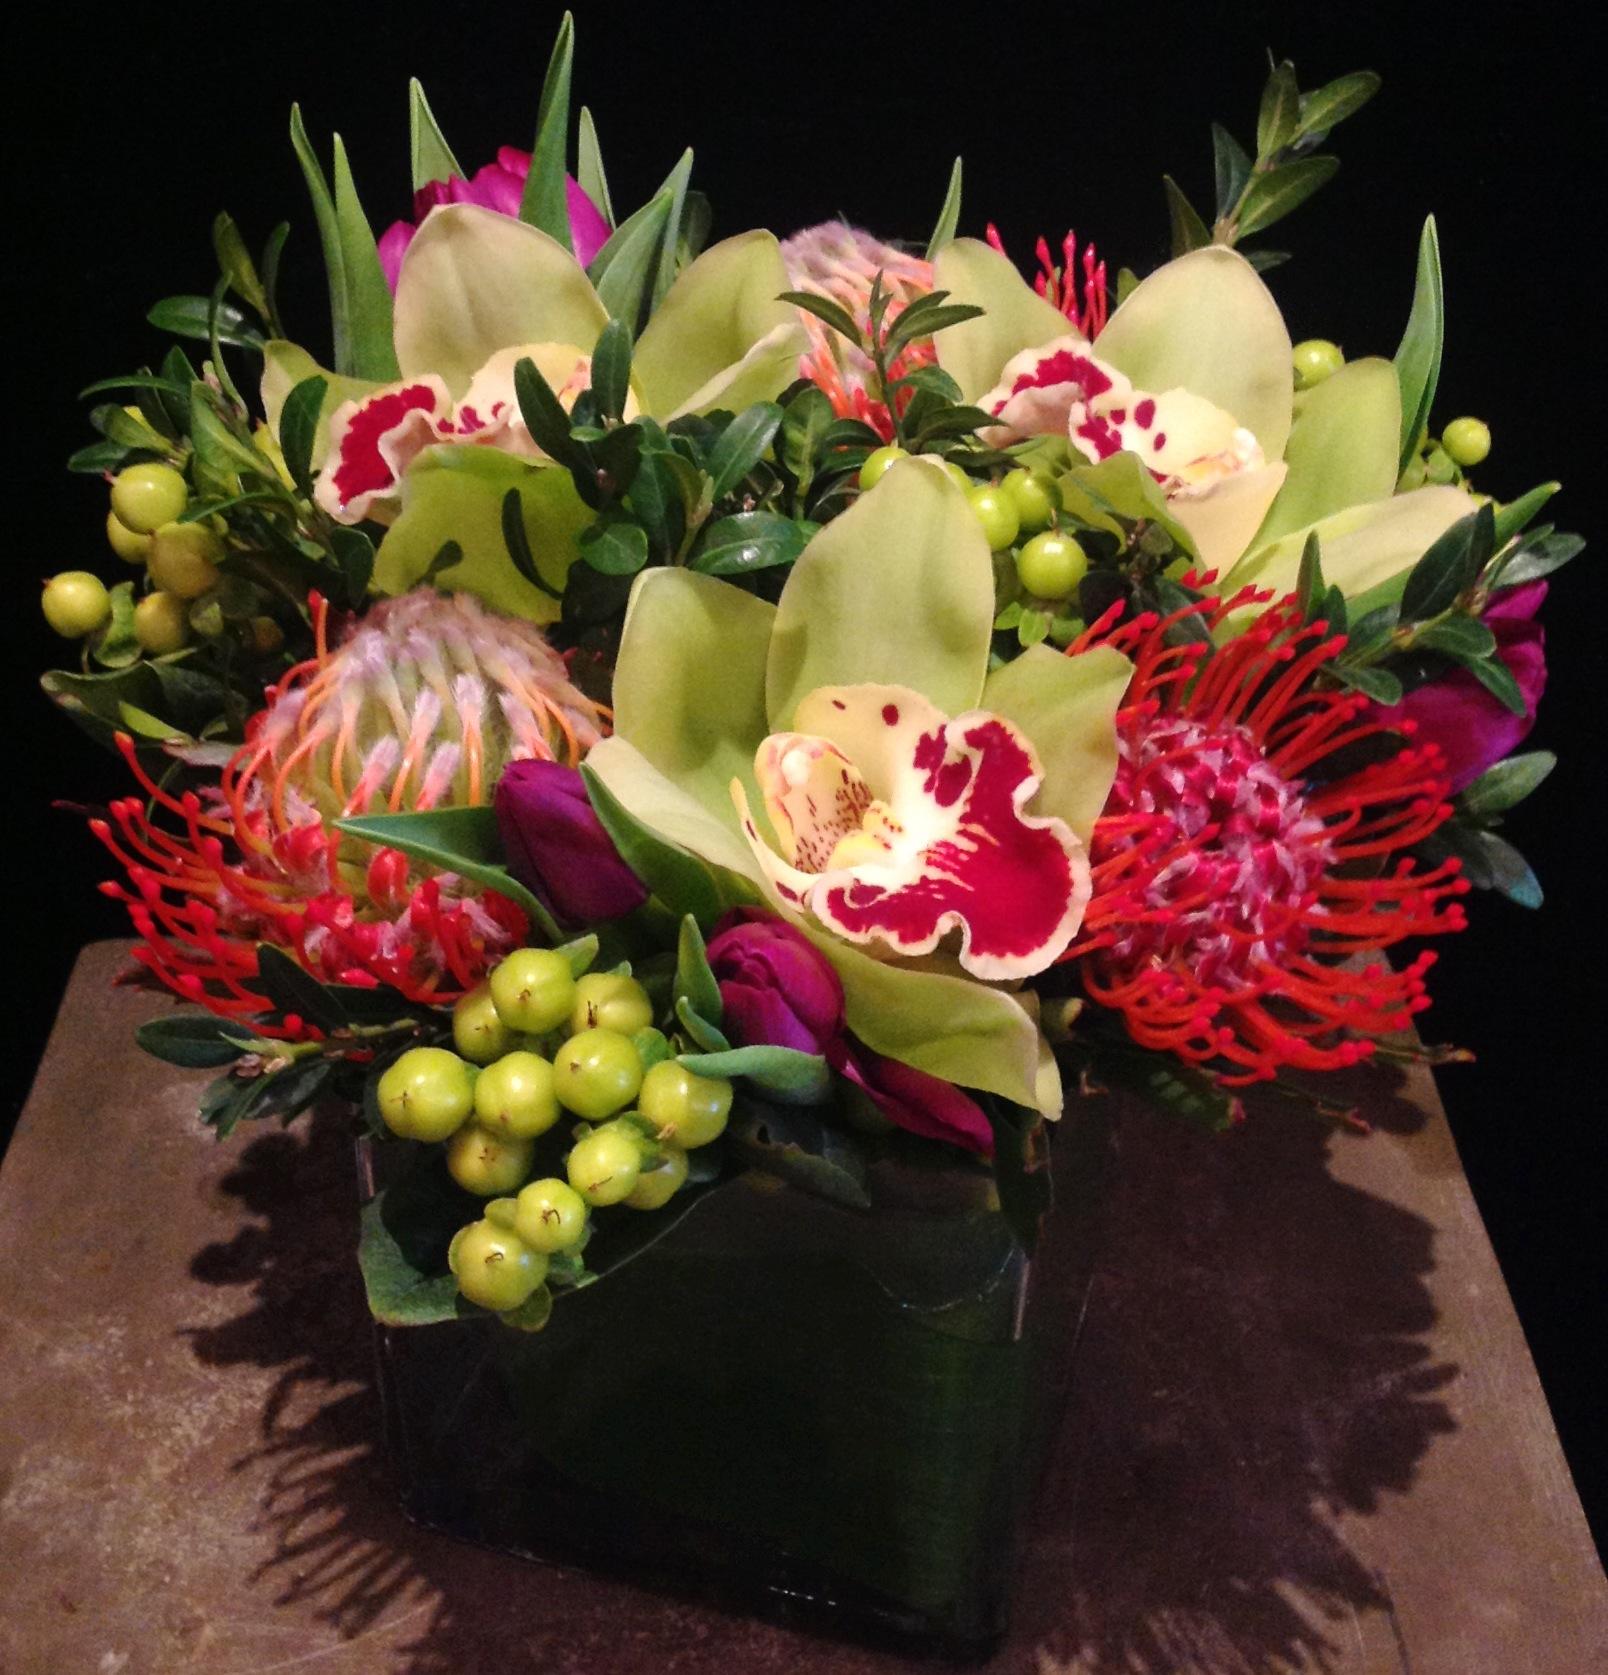 Cymbidium Orchids, Pincushion, Tulips, & Hypericum Berries